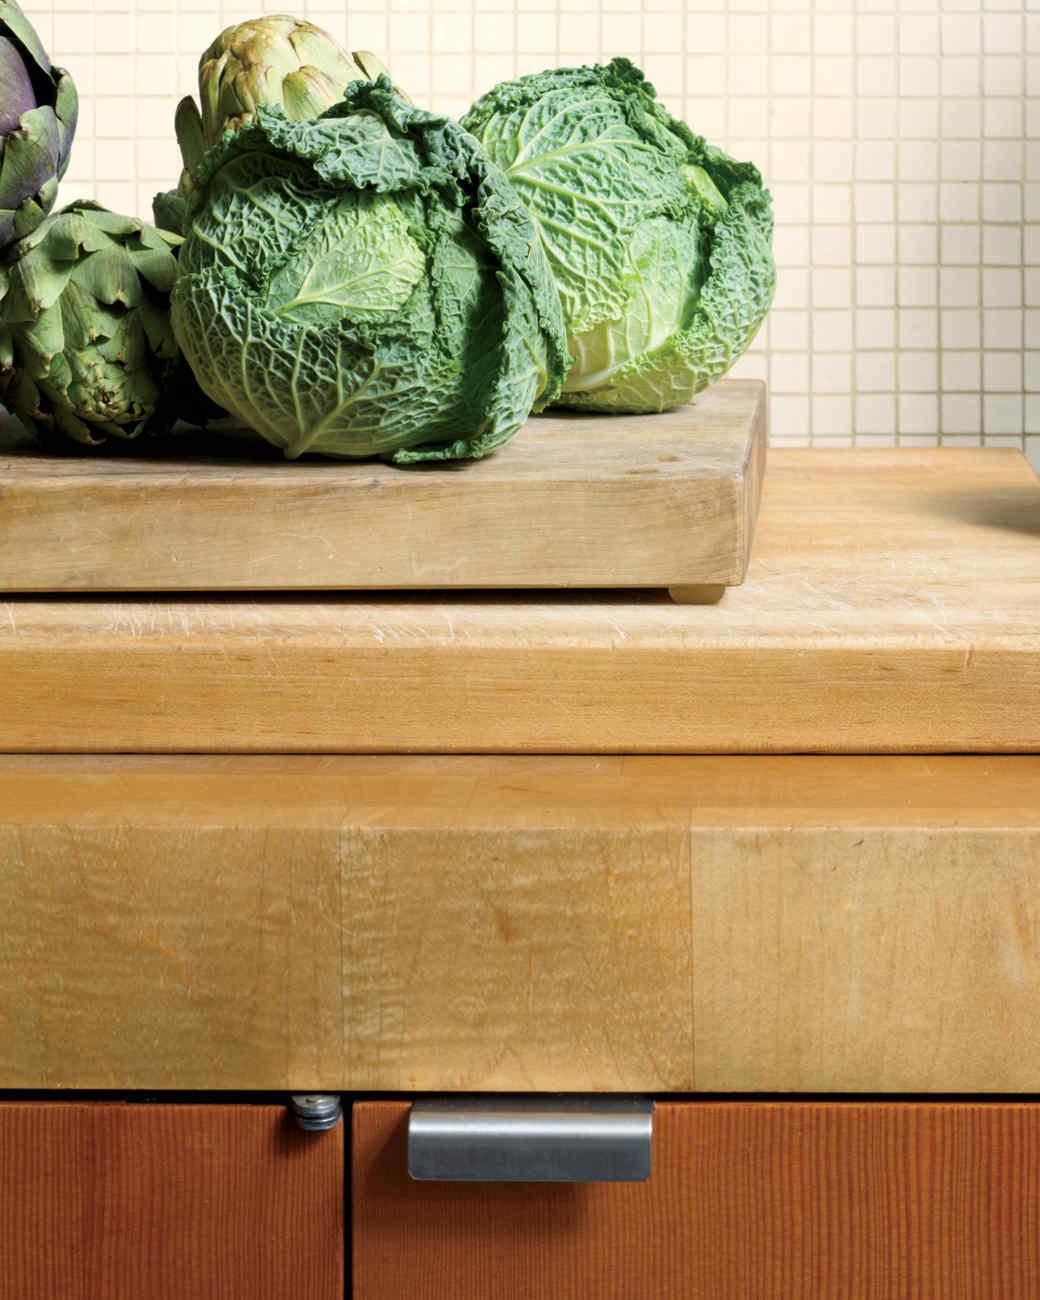 cary-tamarkin-kitchen-artichoke-hearts-mld107949.jpg